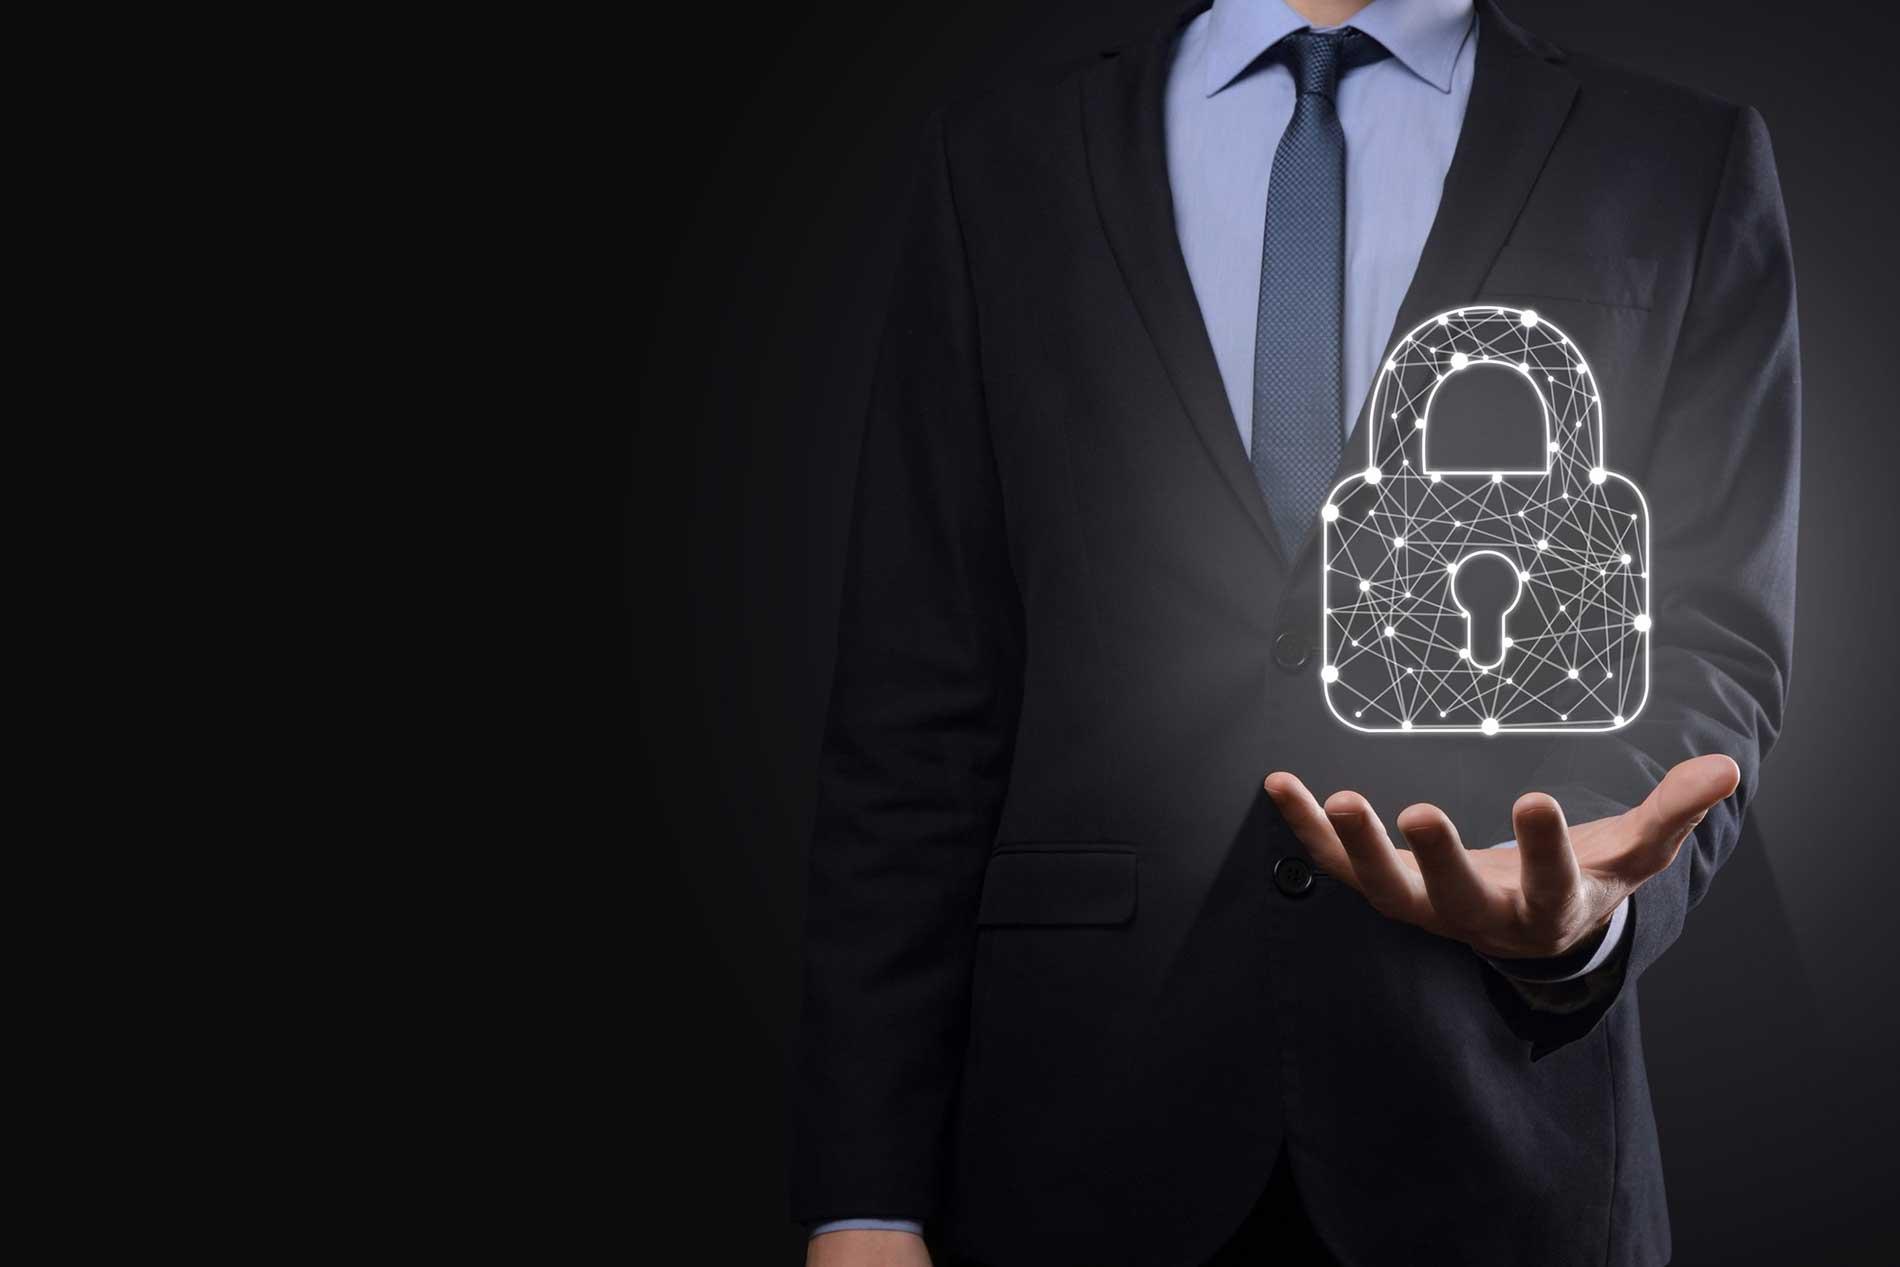 Il Data Protection Officer: la nuovissima figura nella panoramica aziendale